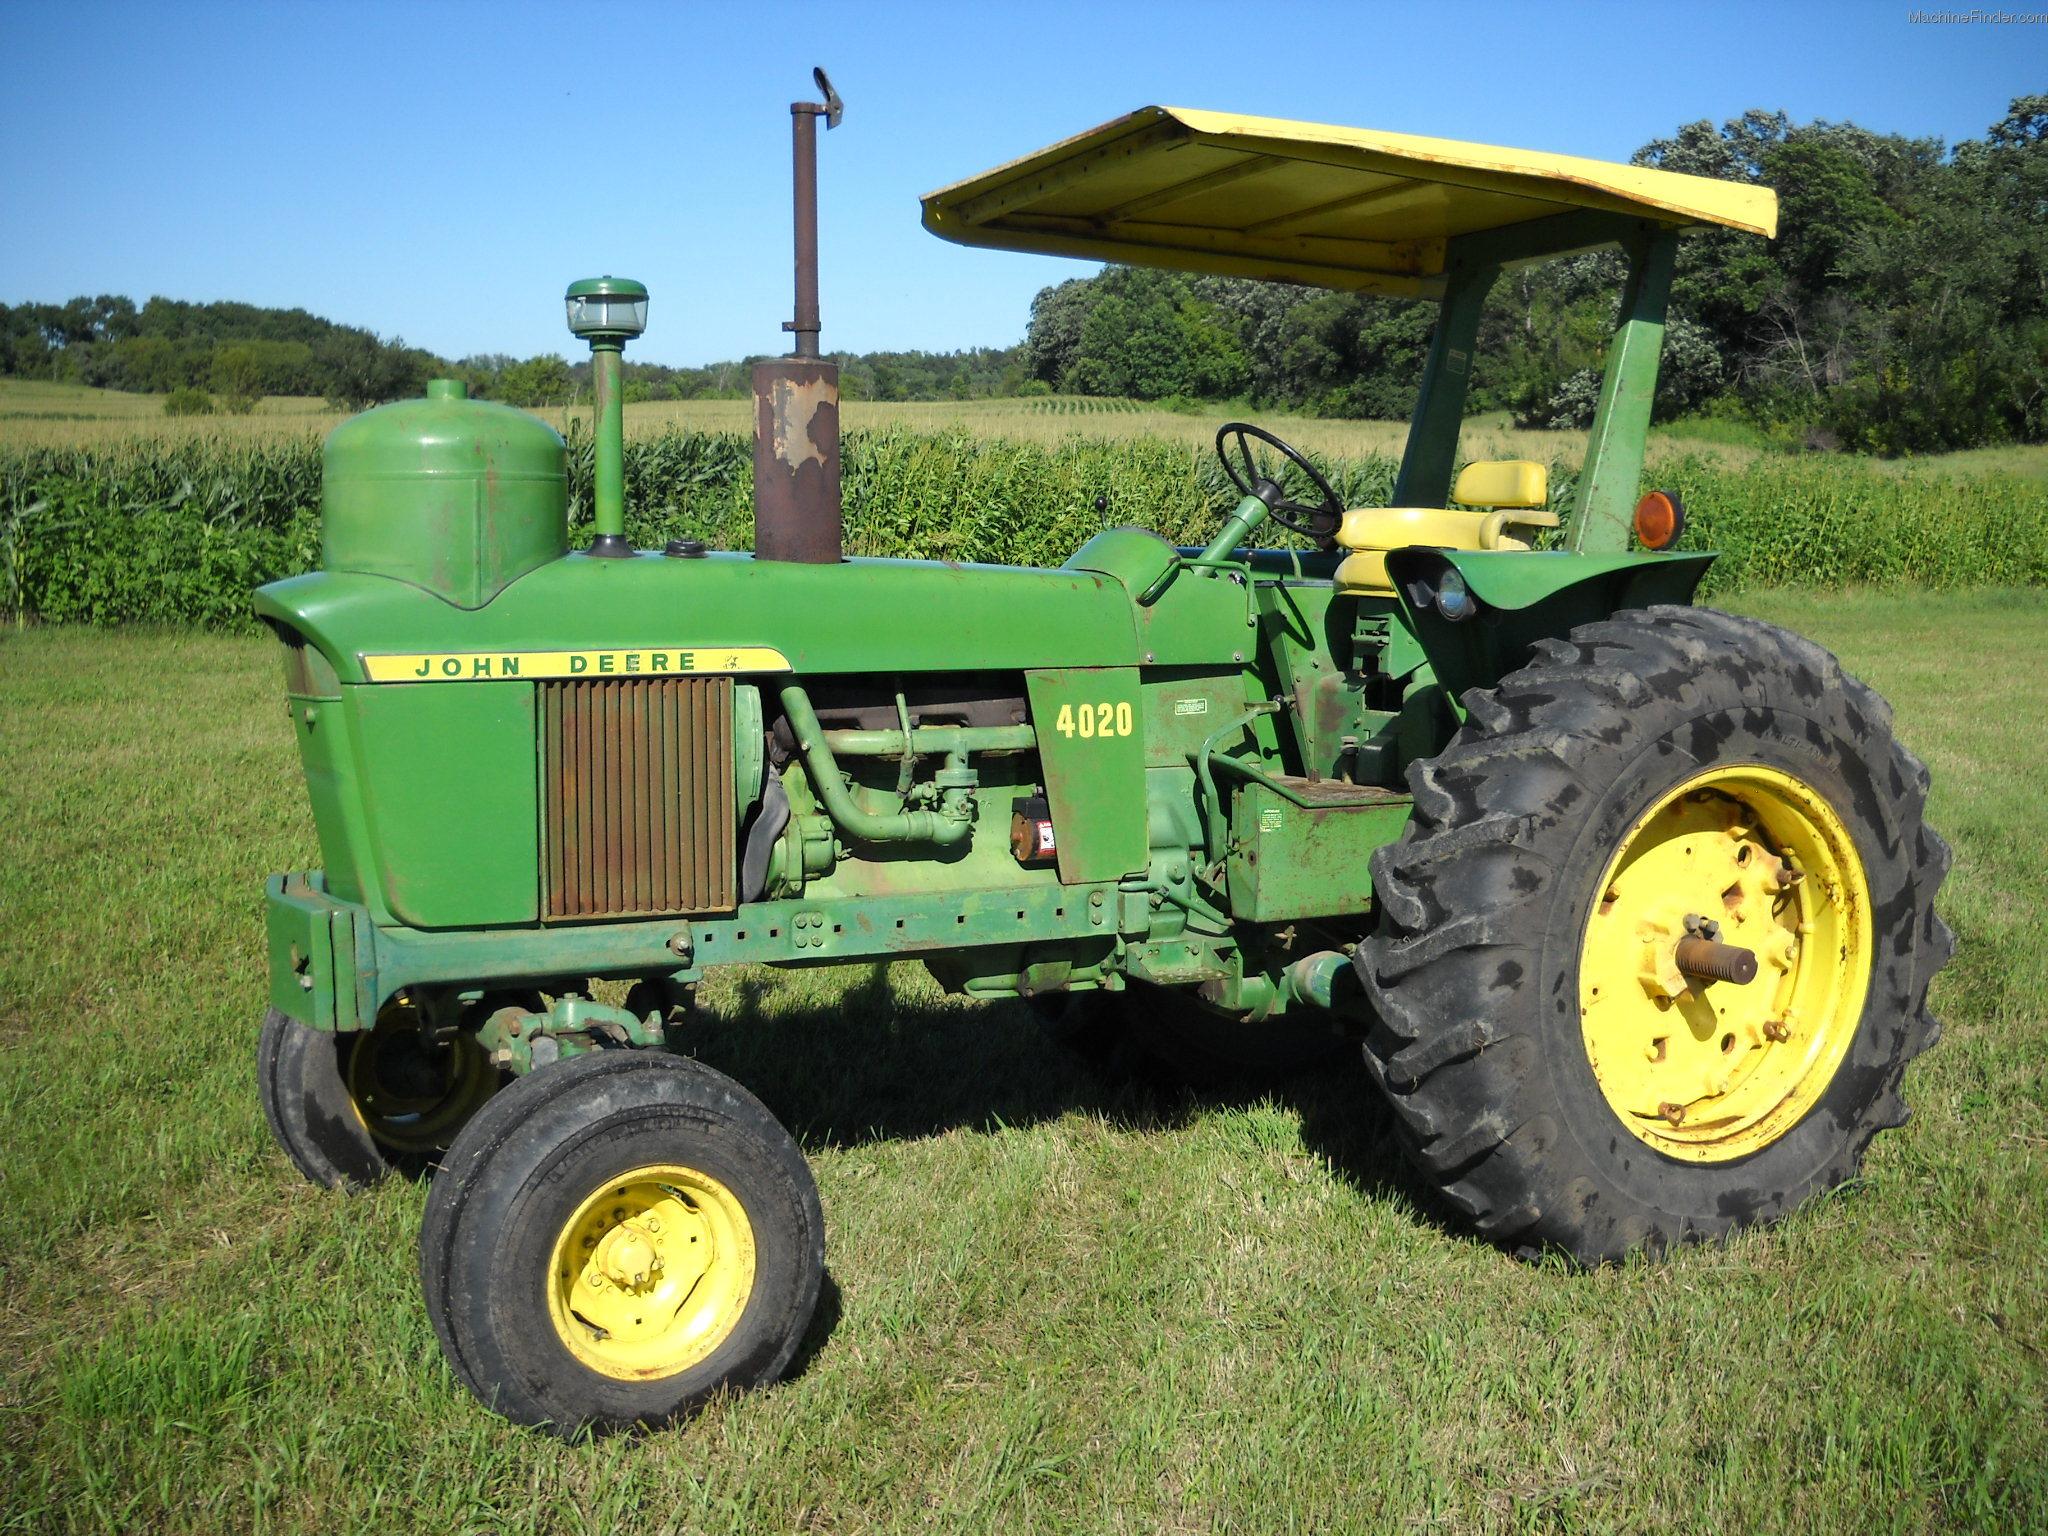 1971 John Deere 4020 Tractors - Row Crop (+100hp) - John ...